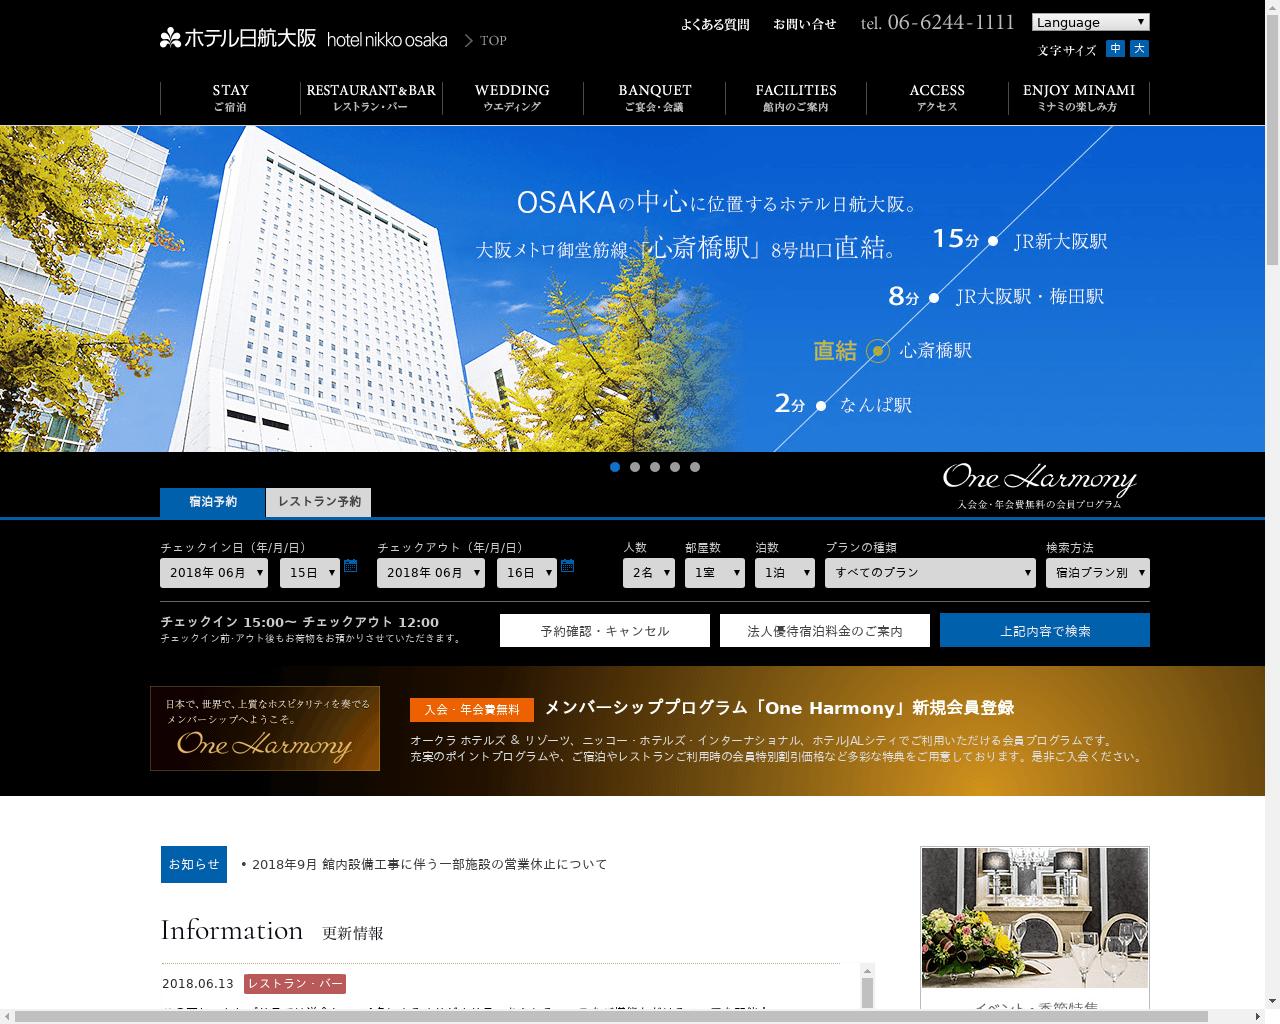 高級ホテル特集 ホテル日航大阪